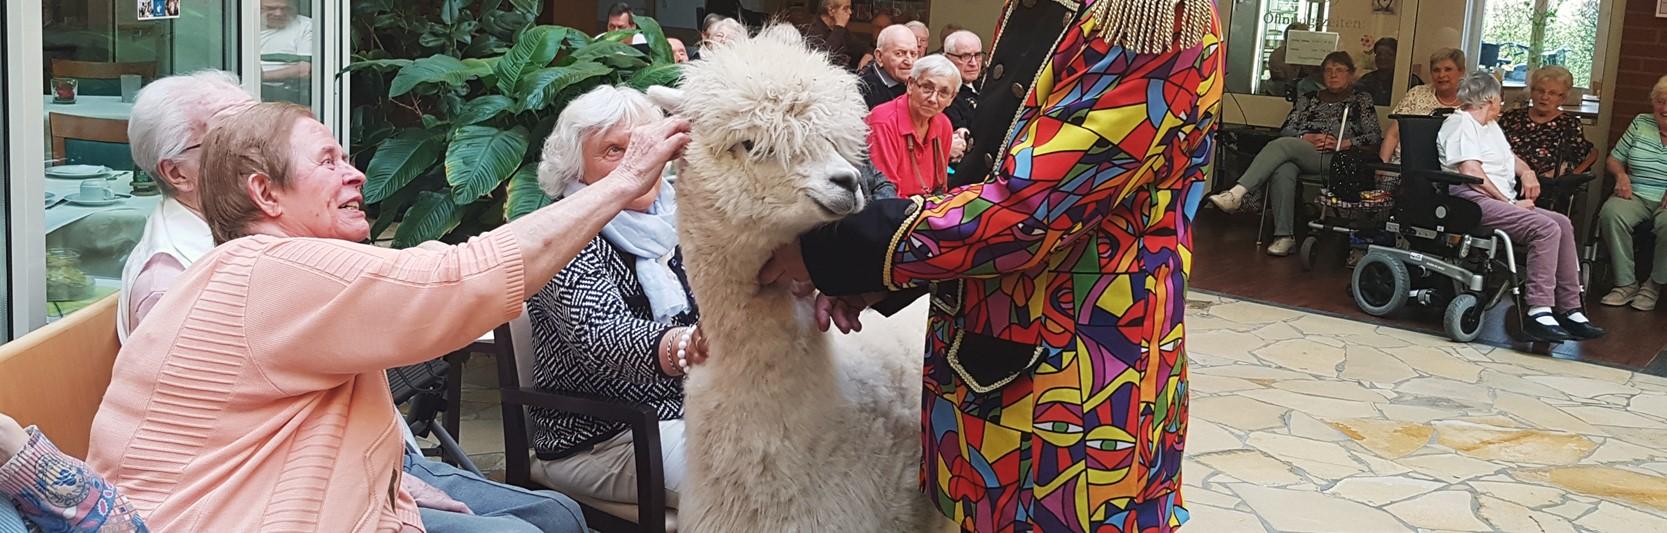 Newsartikel:Manege frei: Ein Zirkus zu Besuch im Pflegeheim